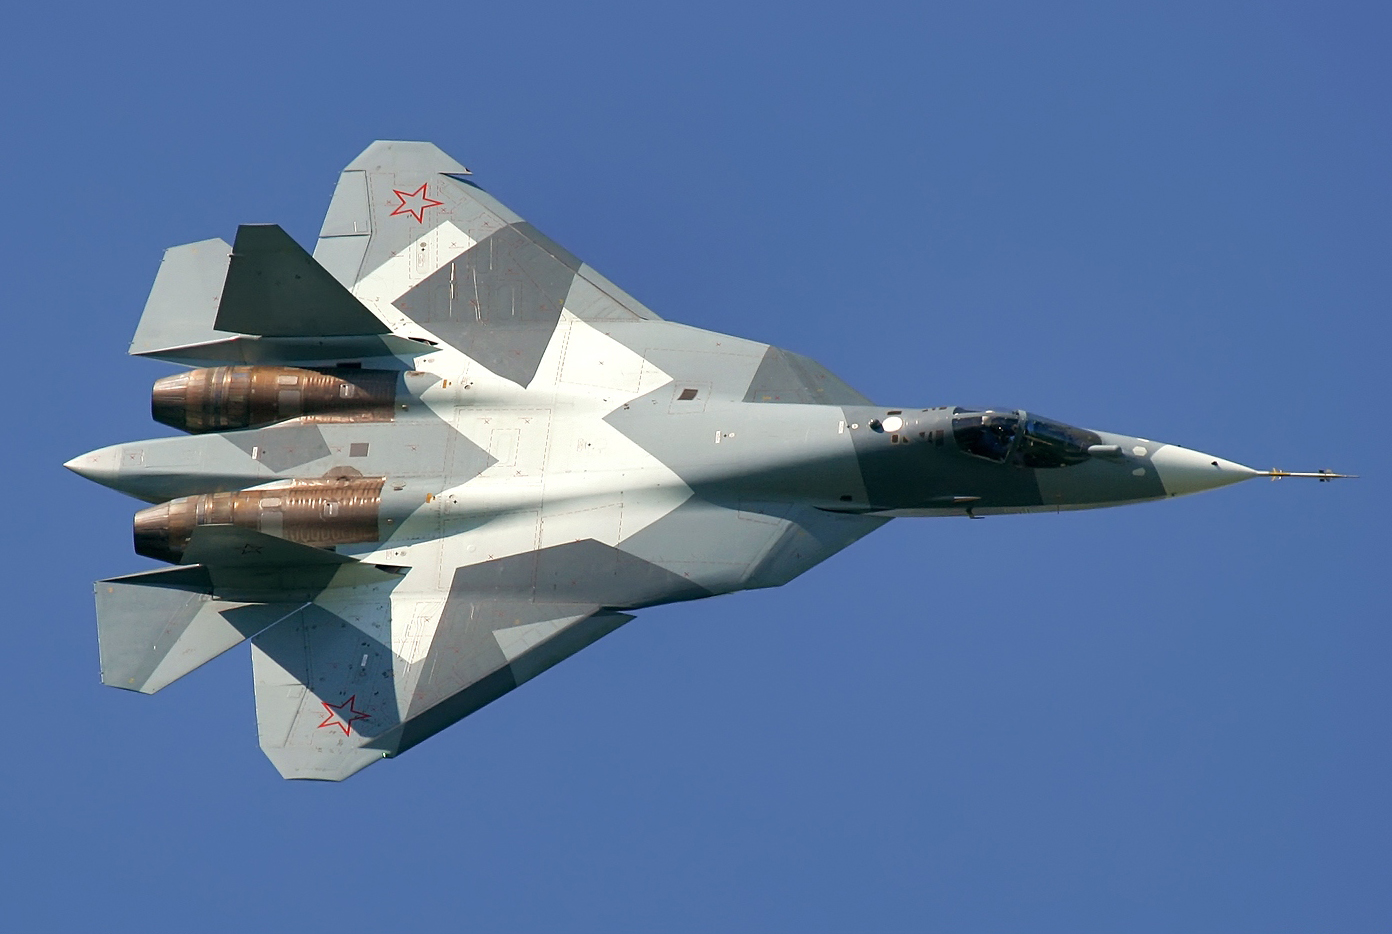 اميرة السماء الروسية القادمة ... سوخوي باك فا ((sukhoi t-50 pak fa)) PAK_FA_Sukhoi_T-50